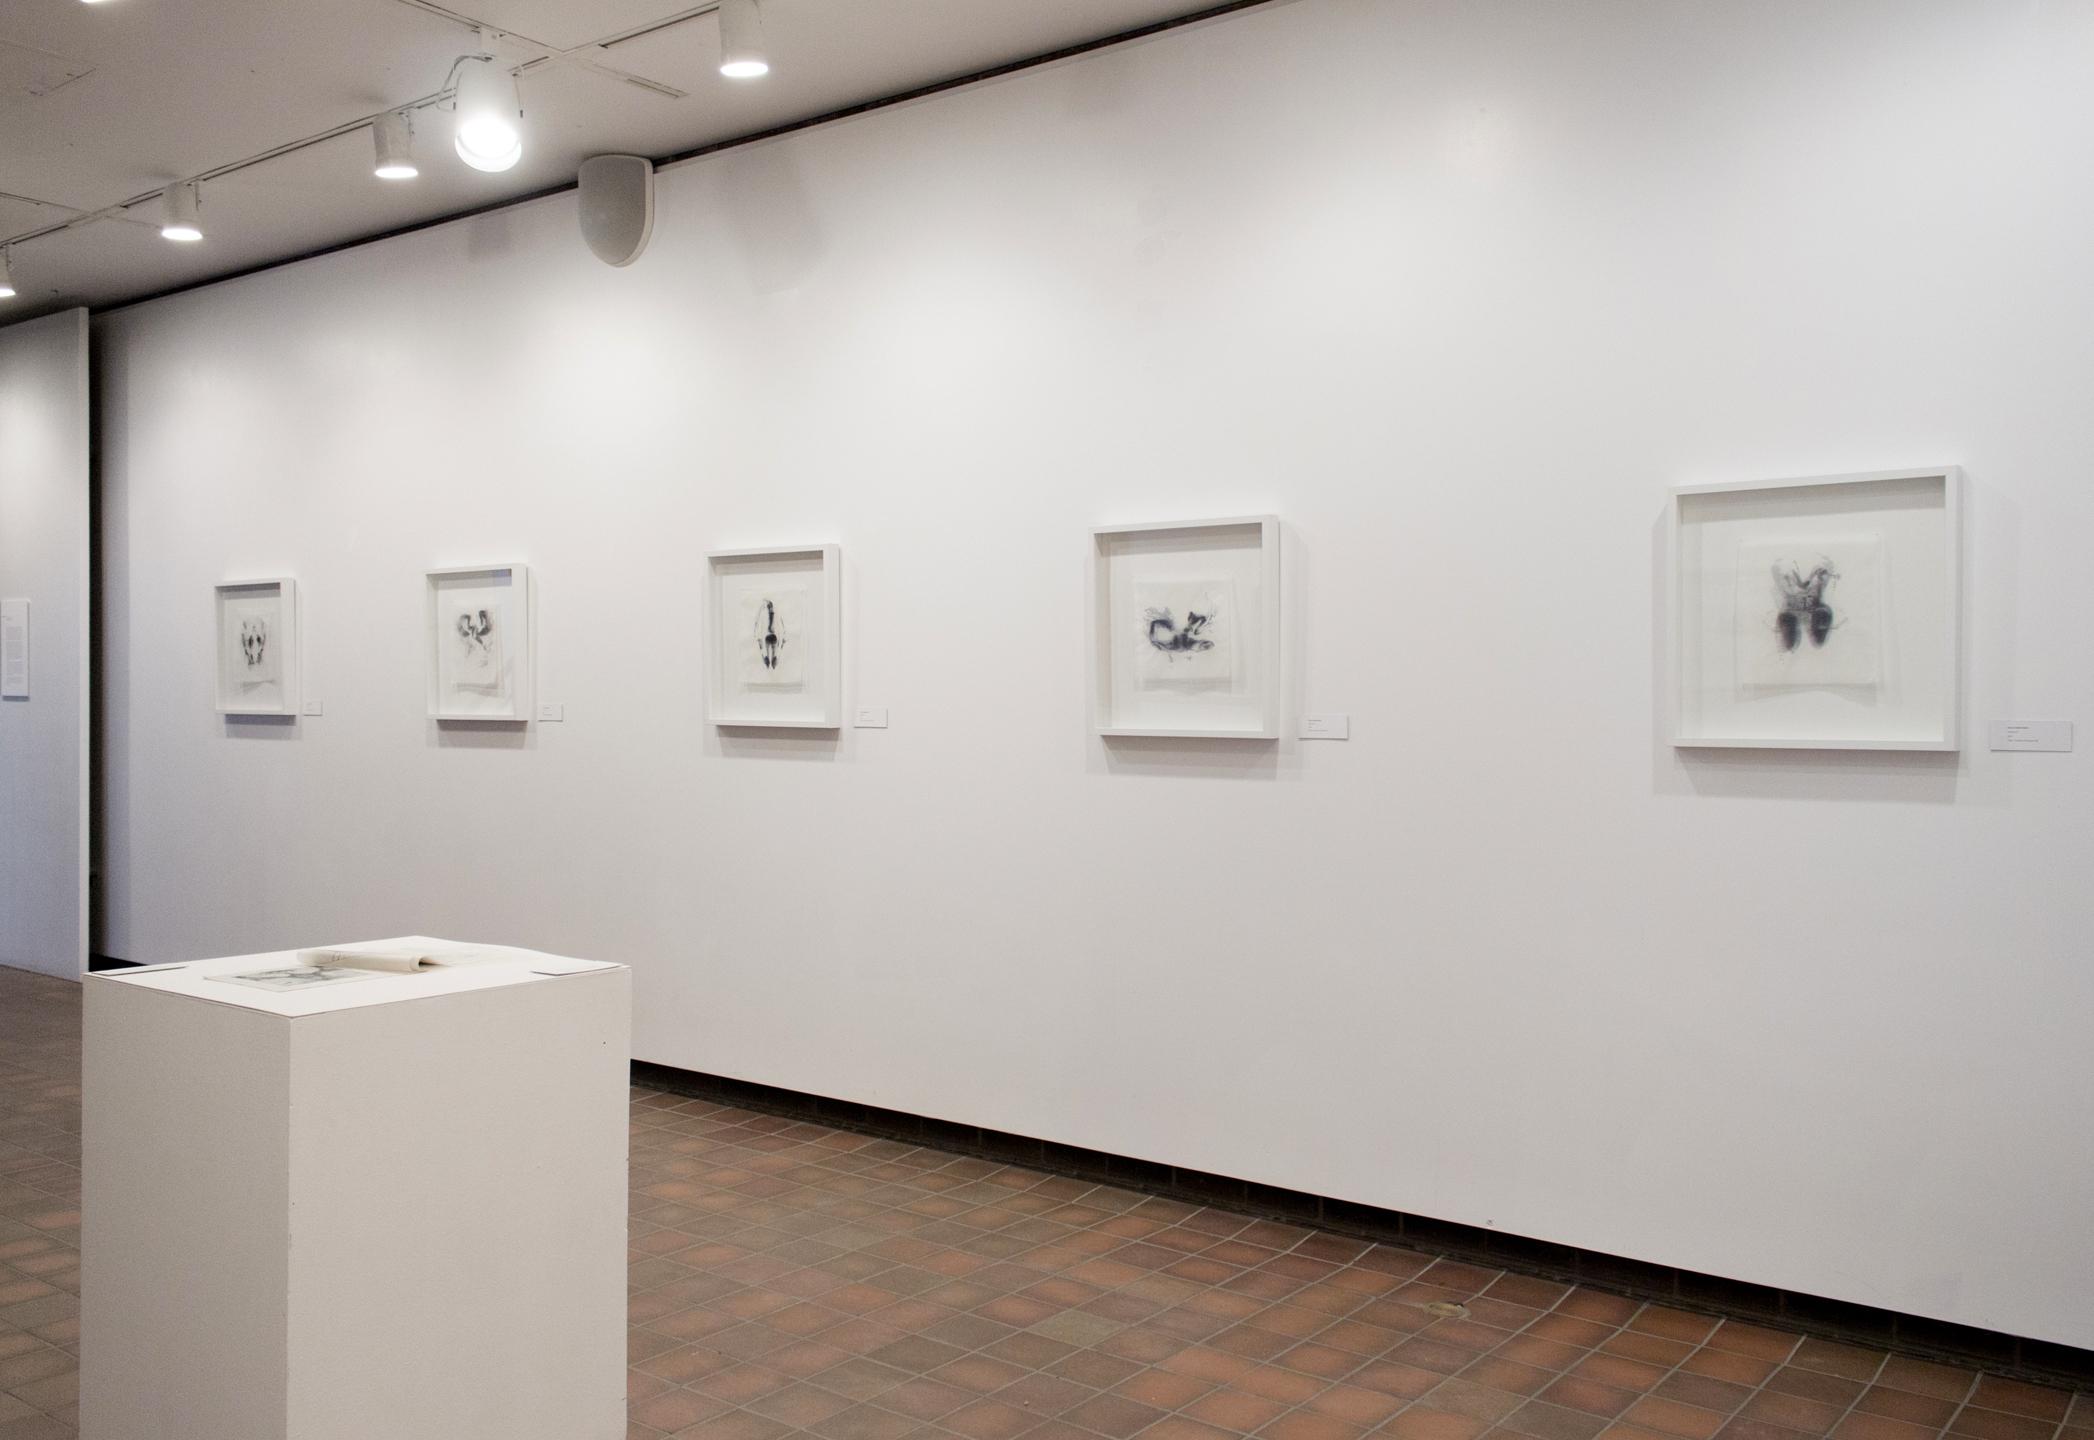 HABITUS exhibition documentation 2015